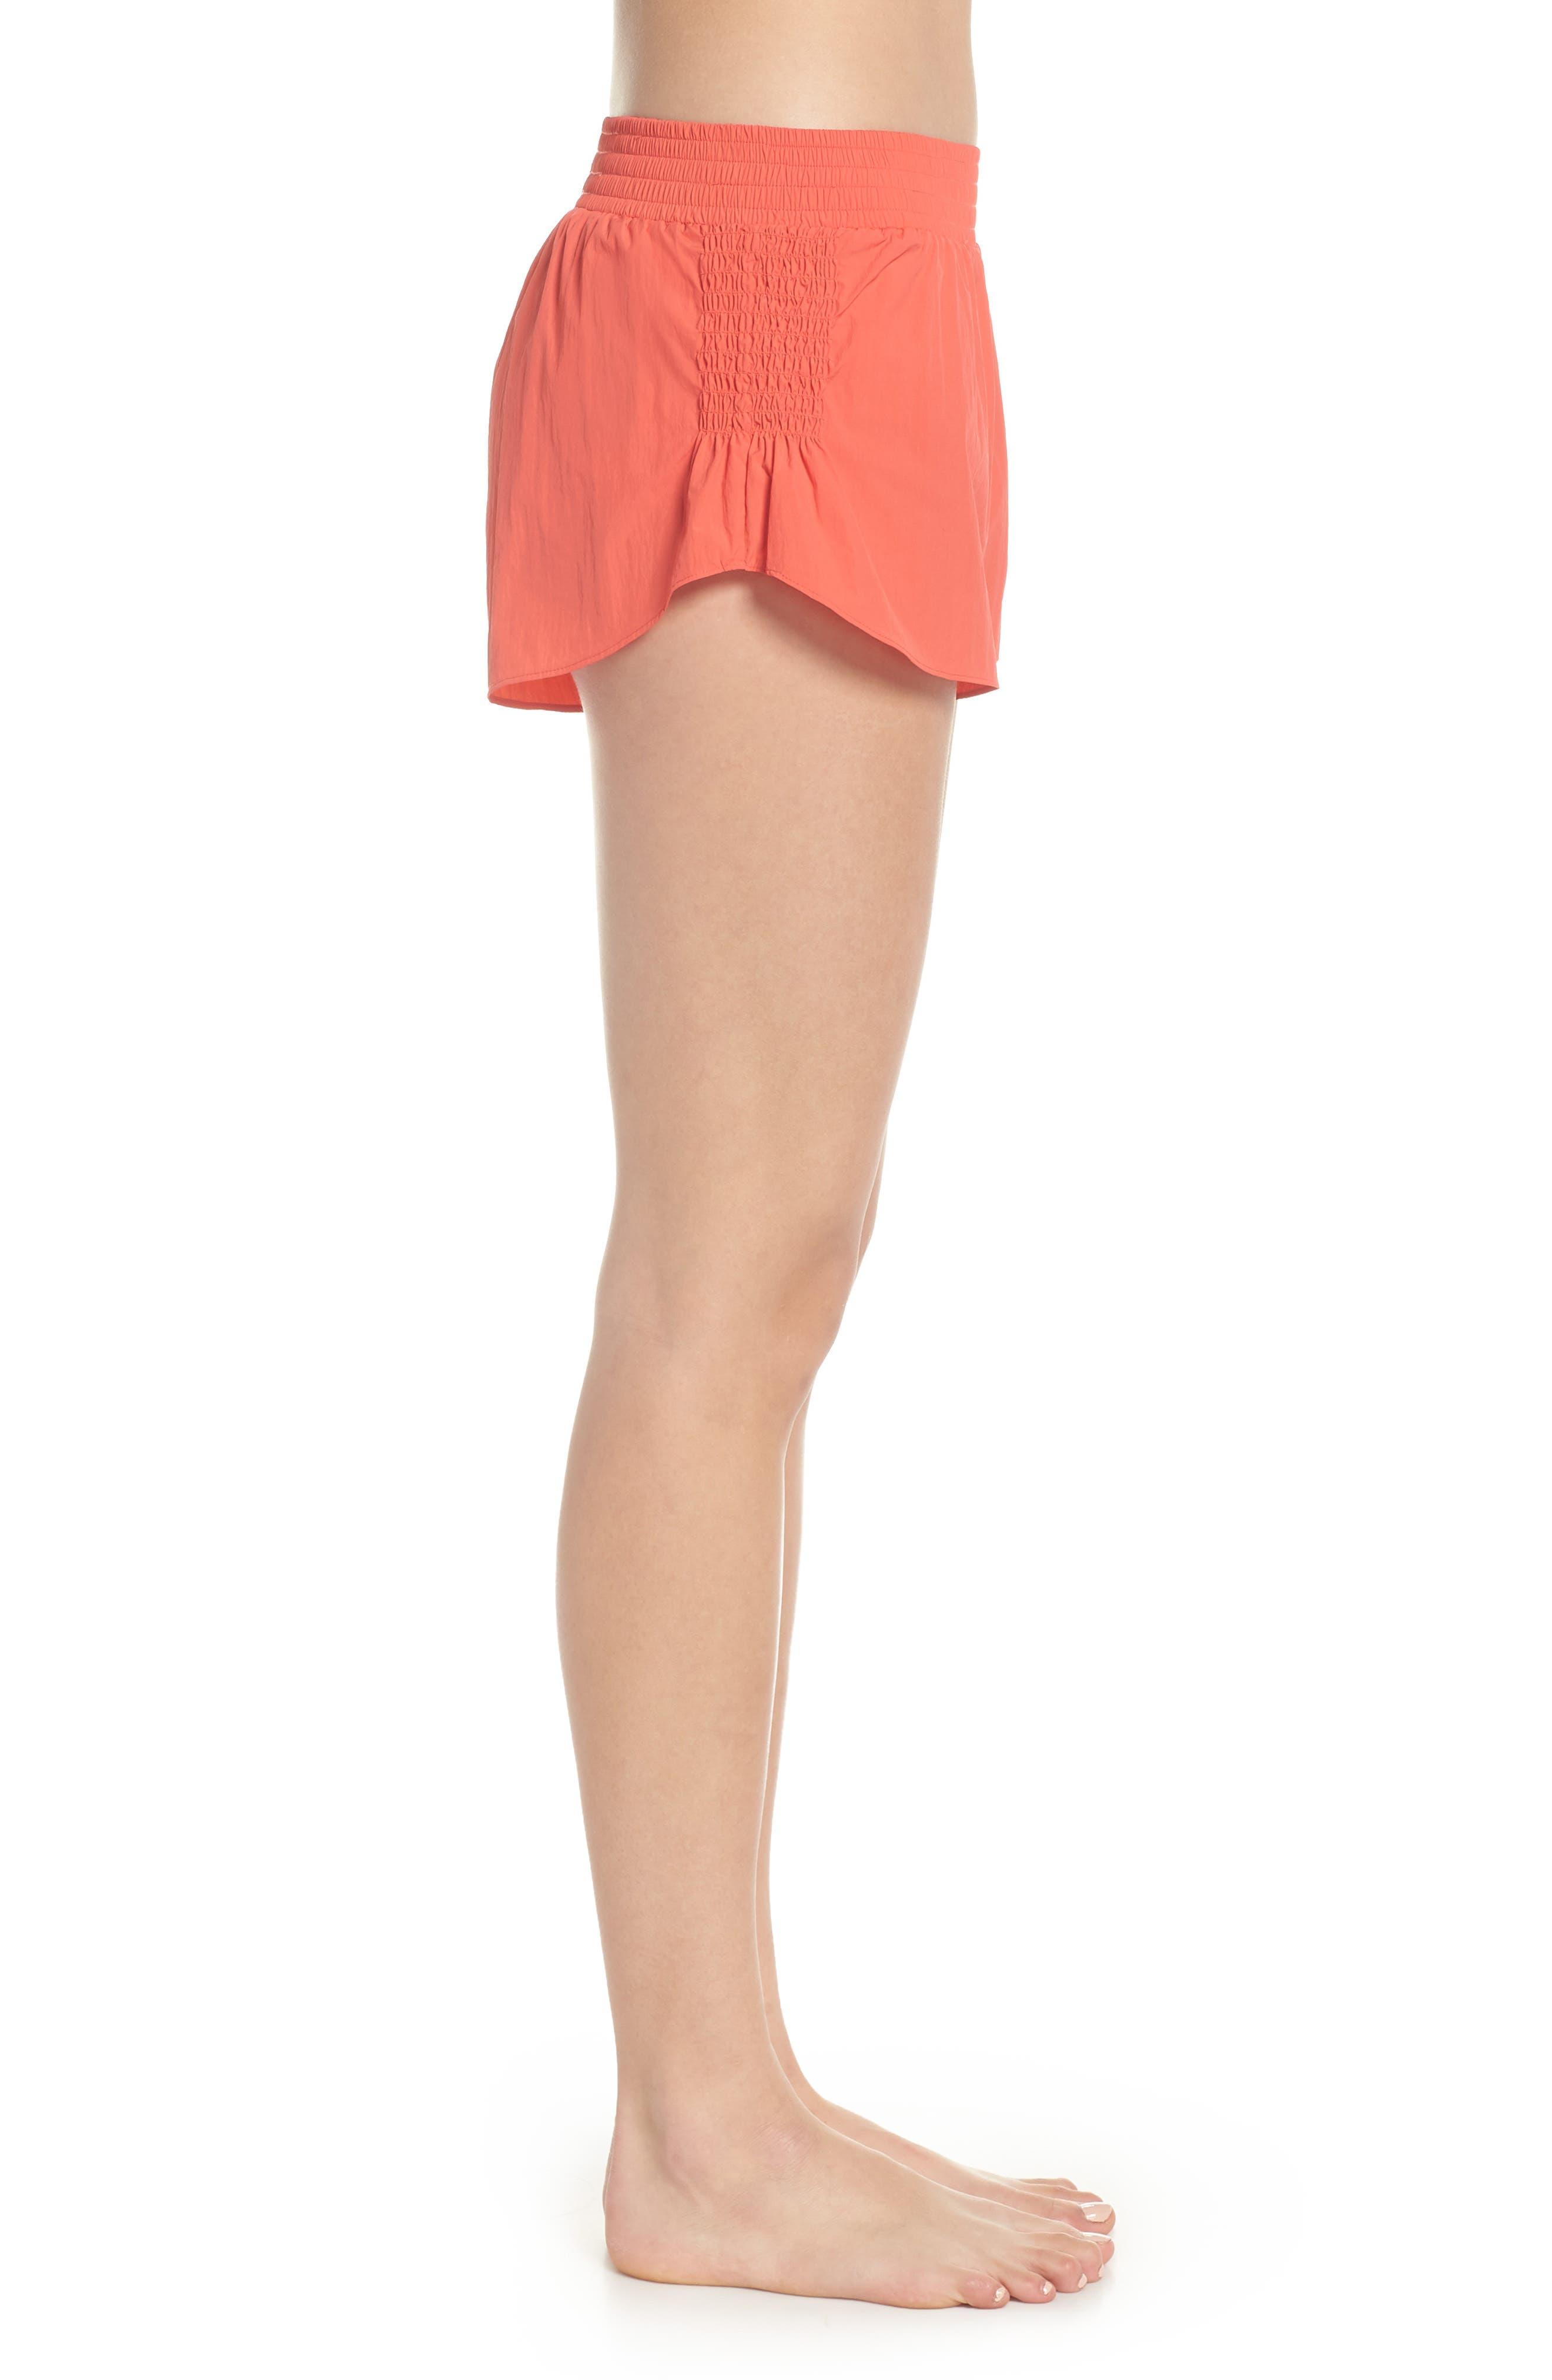 Fuji Shorts,                             Alternate thumbnail 3, color,                             Coral